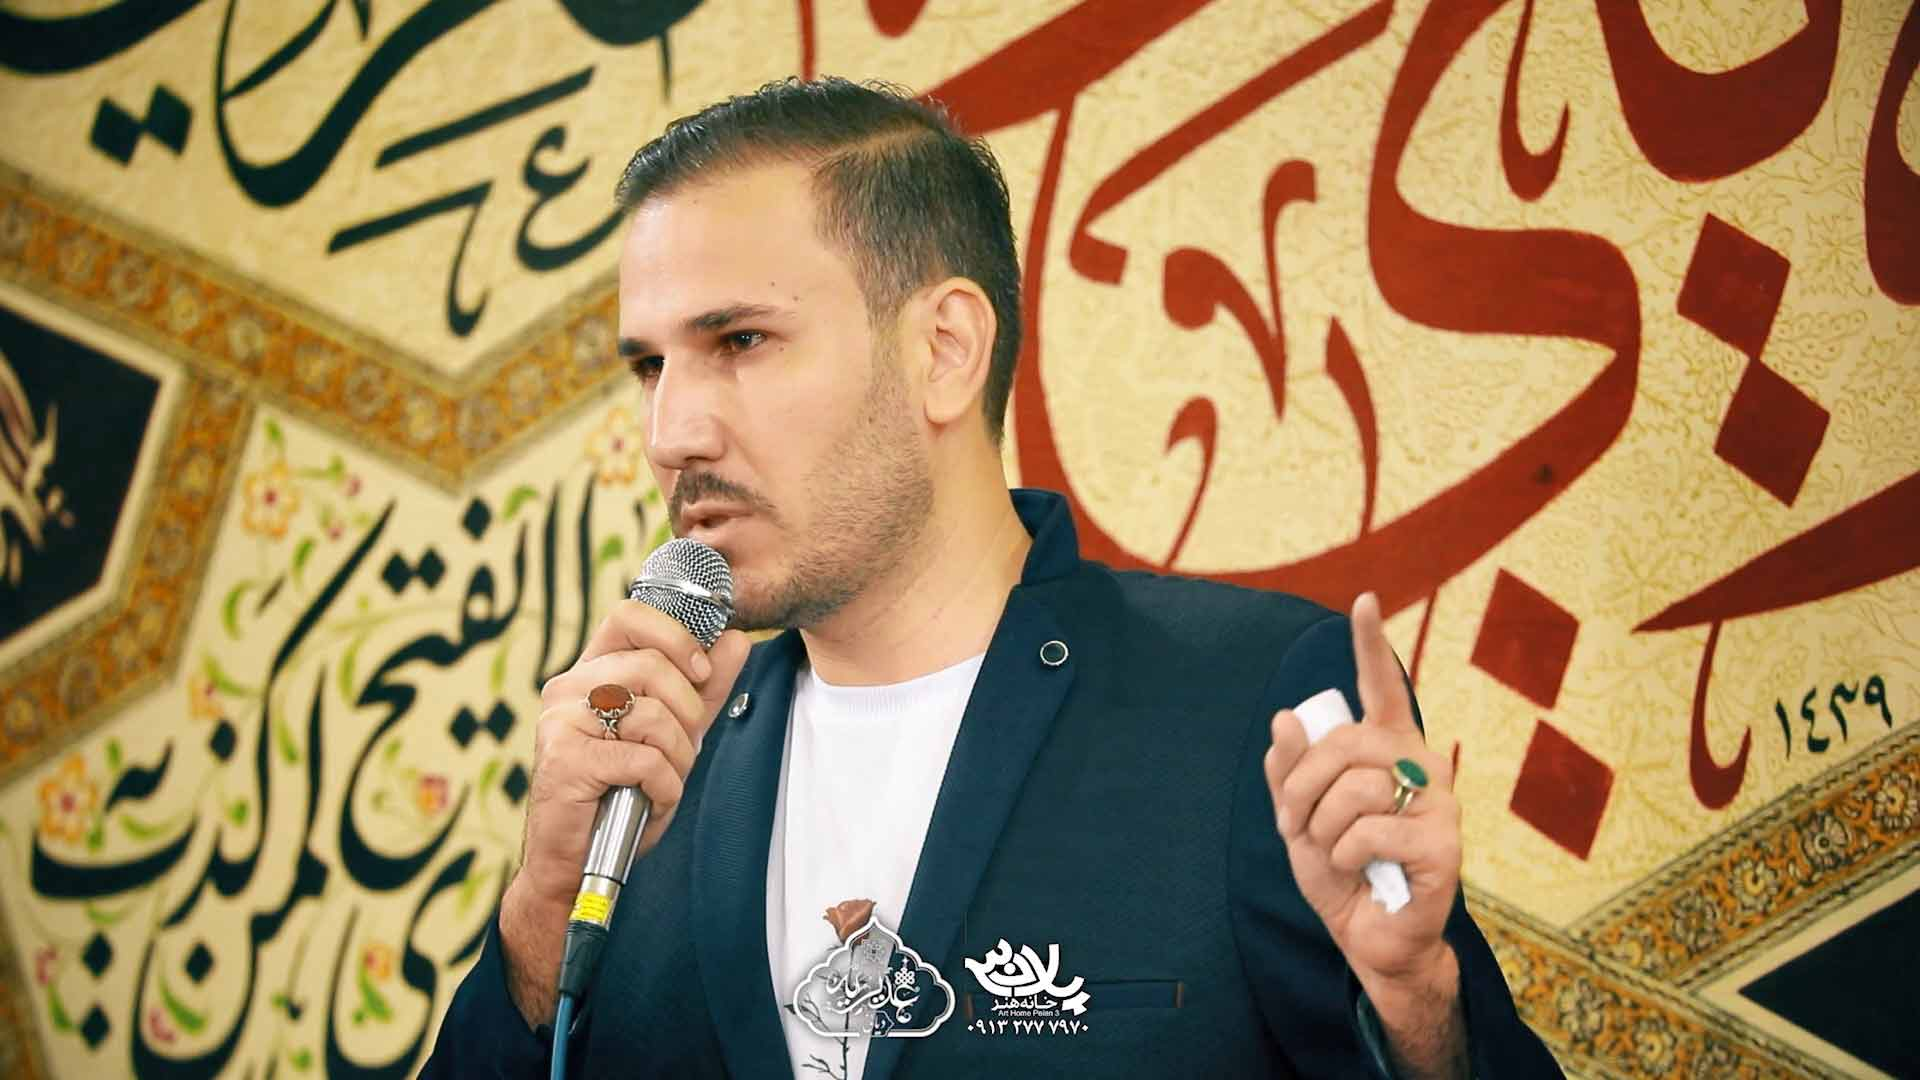 ماجرا را خوب یادم هست محمدحسین ملکیان